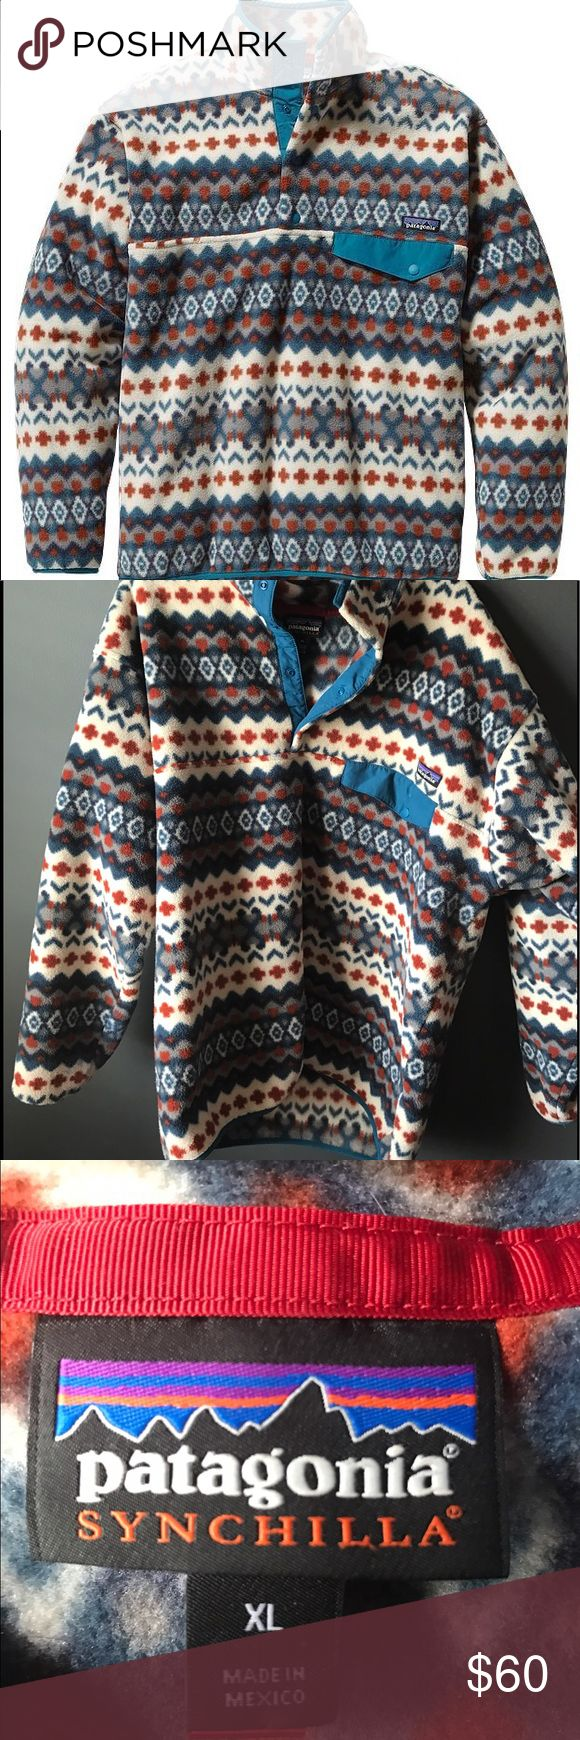 NWOT Patagonia Synchilla Jacket New Never Worn men's Patagonia synchilla jacket!!!! Size XL Patagonia Jackets & Coats